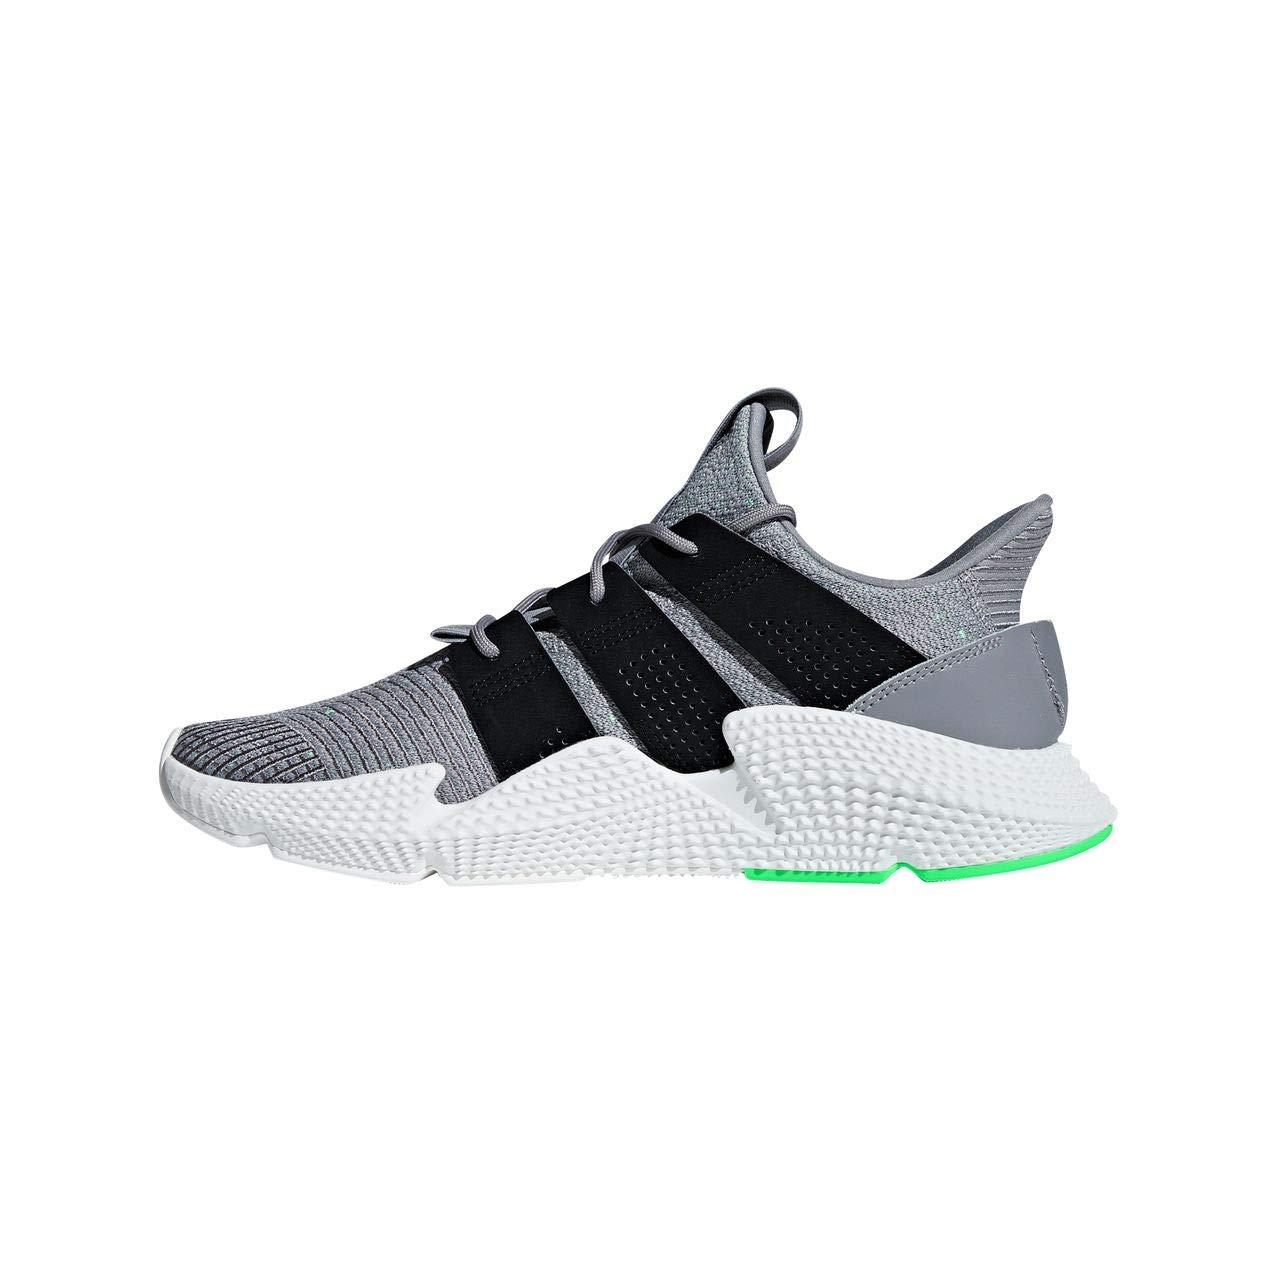 gris (gris Three F17 Core noir Shock Lime) adidas Prophere, Chaussures de Gymnastique Homme 39 1 3 EU